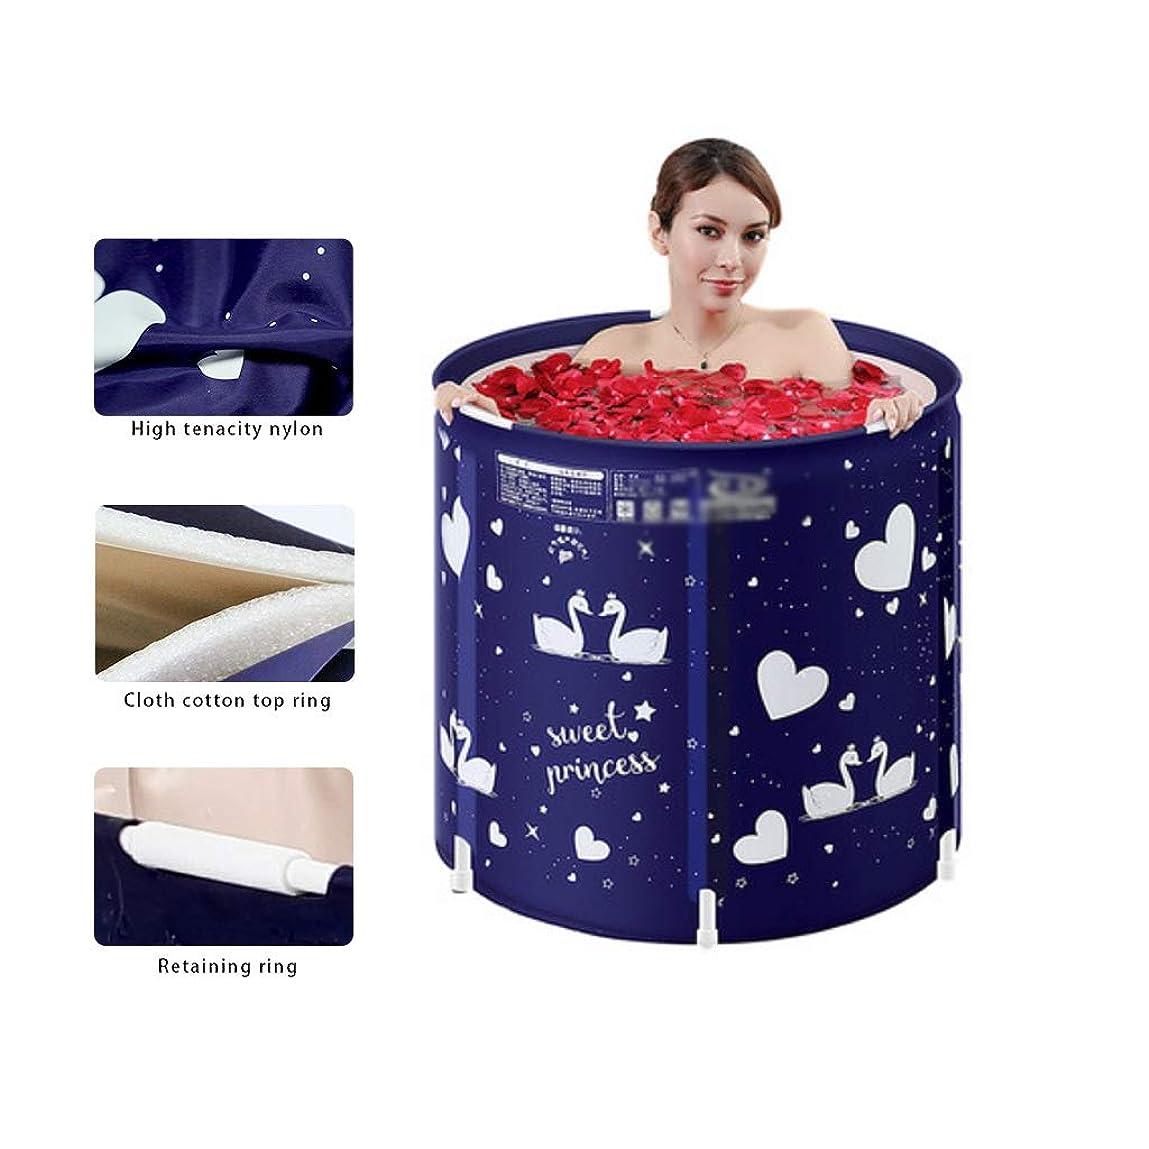 読む哀れな着実に大人用折りたたみ式浴槽インフレータブル浴槽厚みのある全身浴槽折りたたみ式の全身プラスチック浴槽折りたたみ式の収納浴槽 浴室用設備 (Color : Blue, Size : 65*70cm)